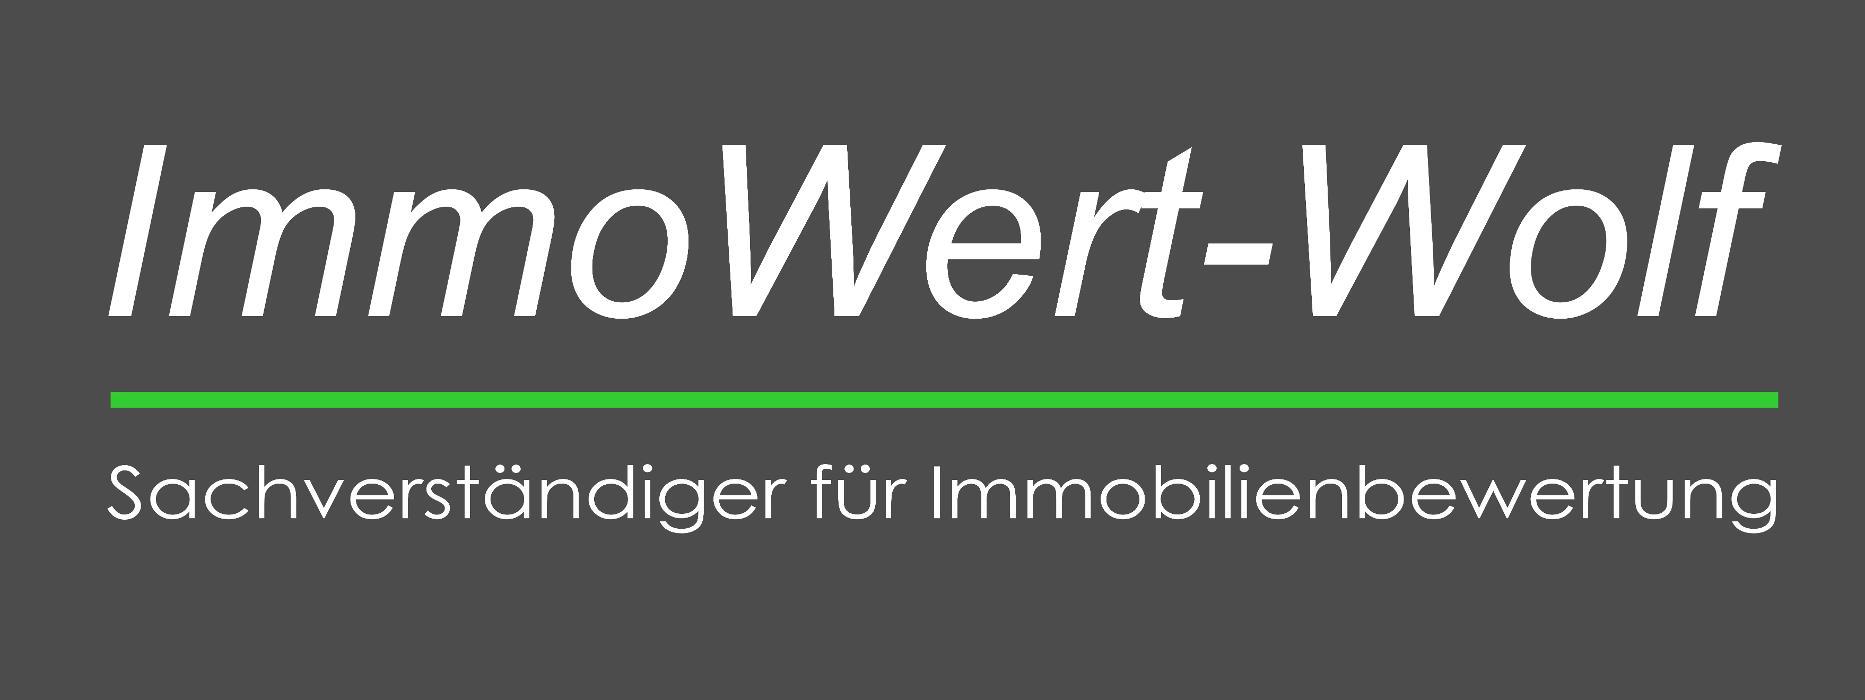 Bild zu ImmoWert-Wolf, Thomas Wolf in Alsbach Hähnlein